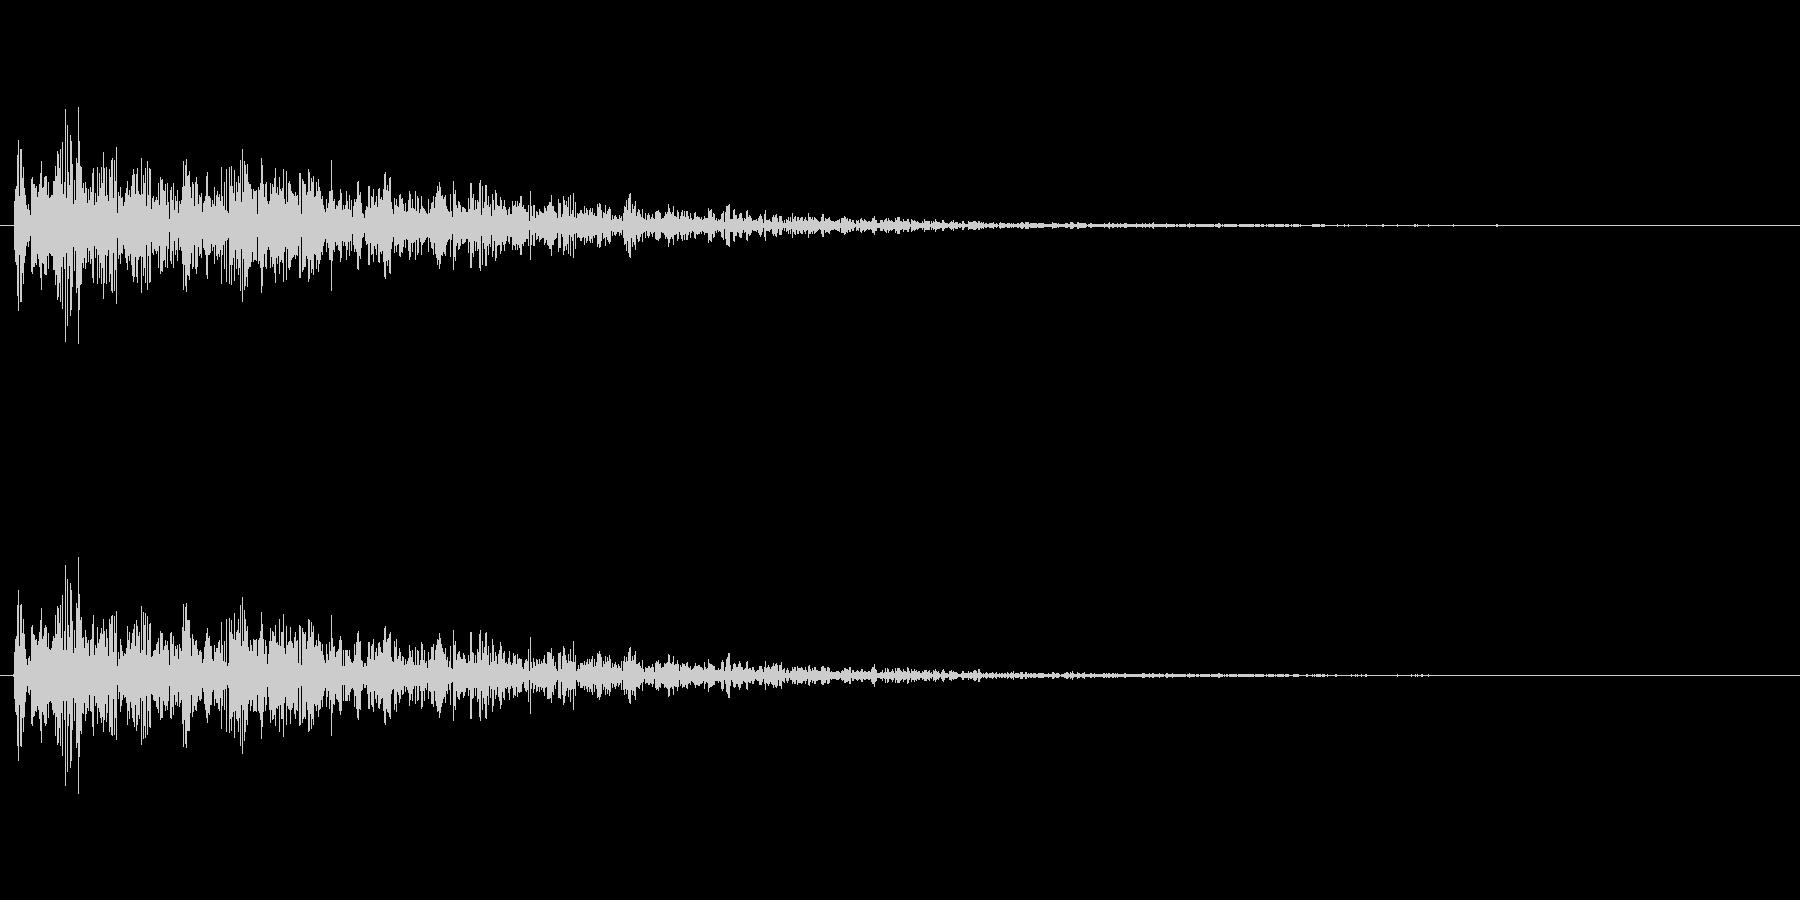 爆発音ですの未再生の波形